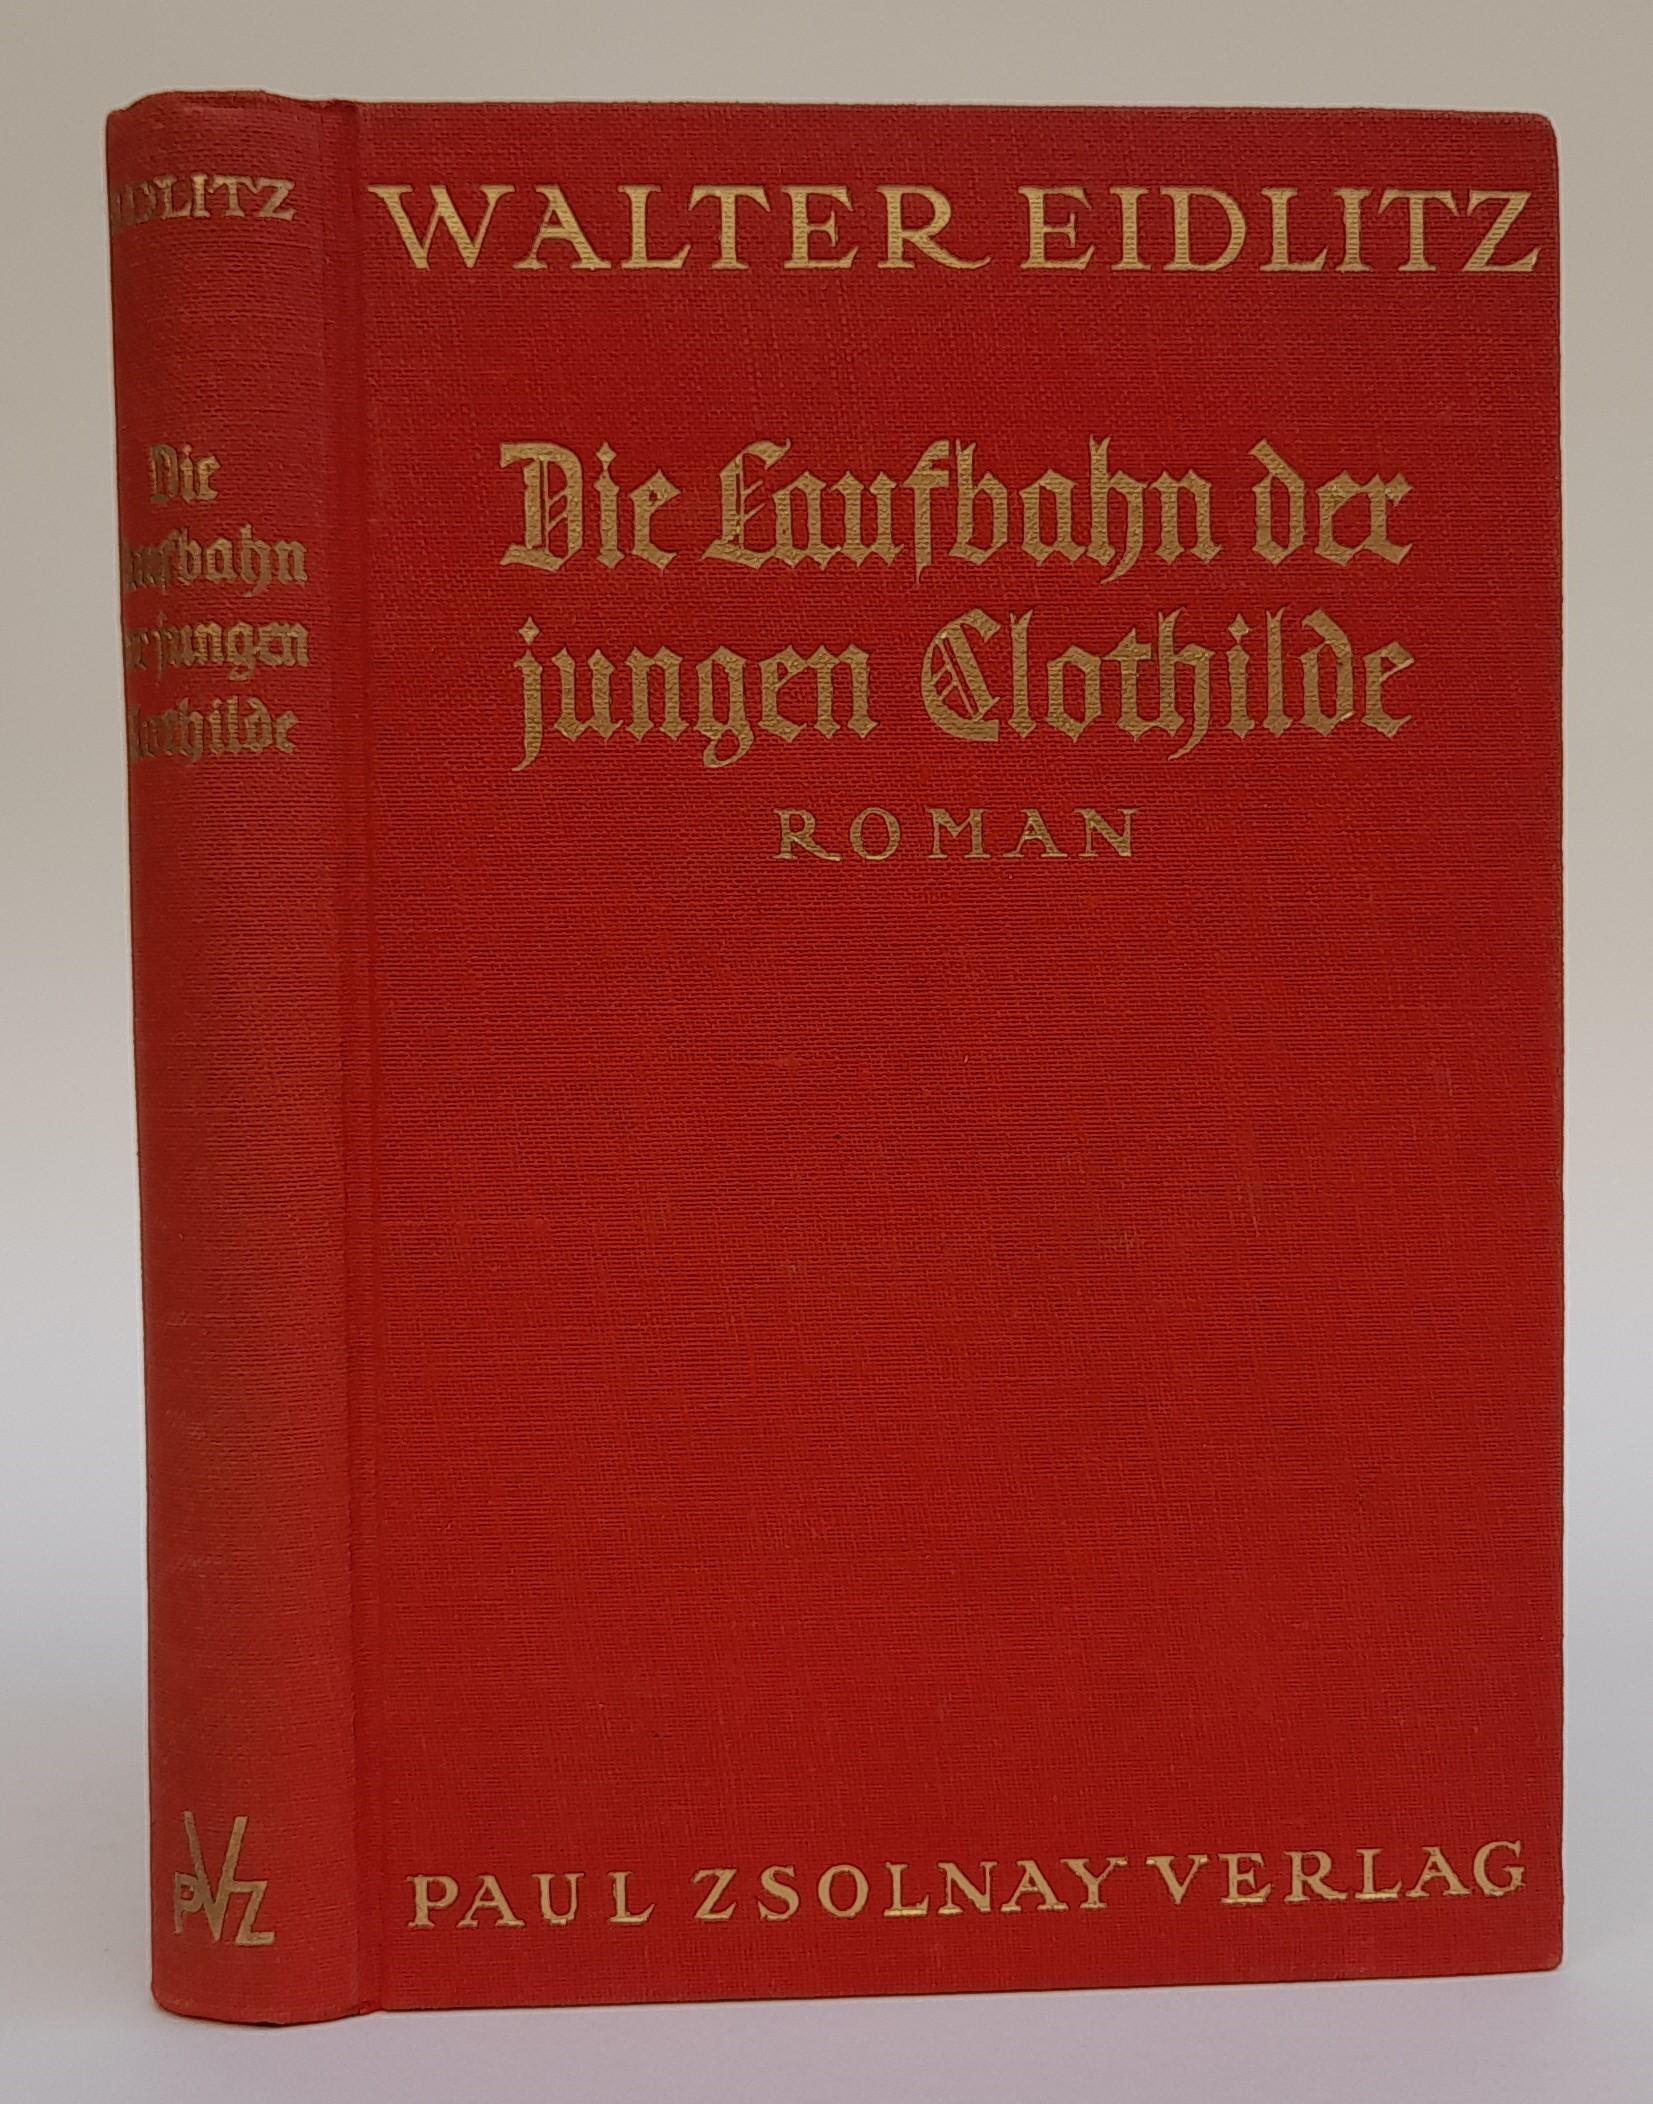 Die Laufbahn der jungen Clothilde. Roman.: Eidlitz, Walther